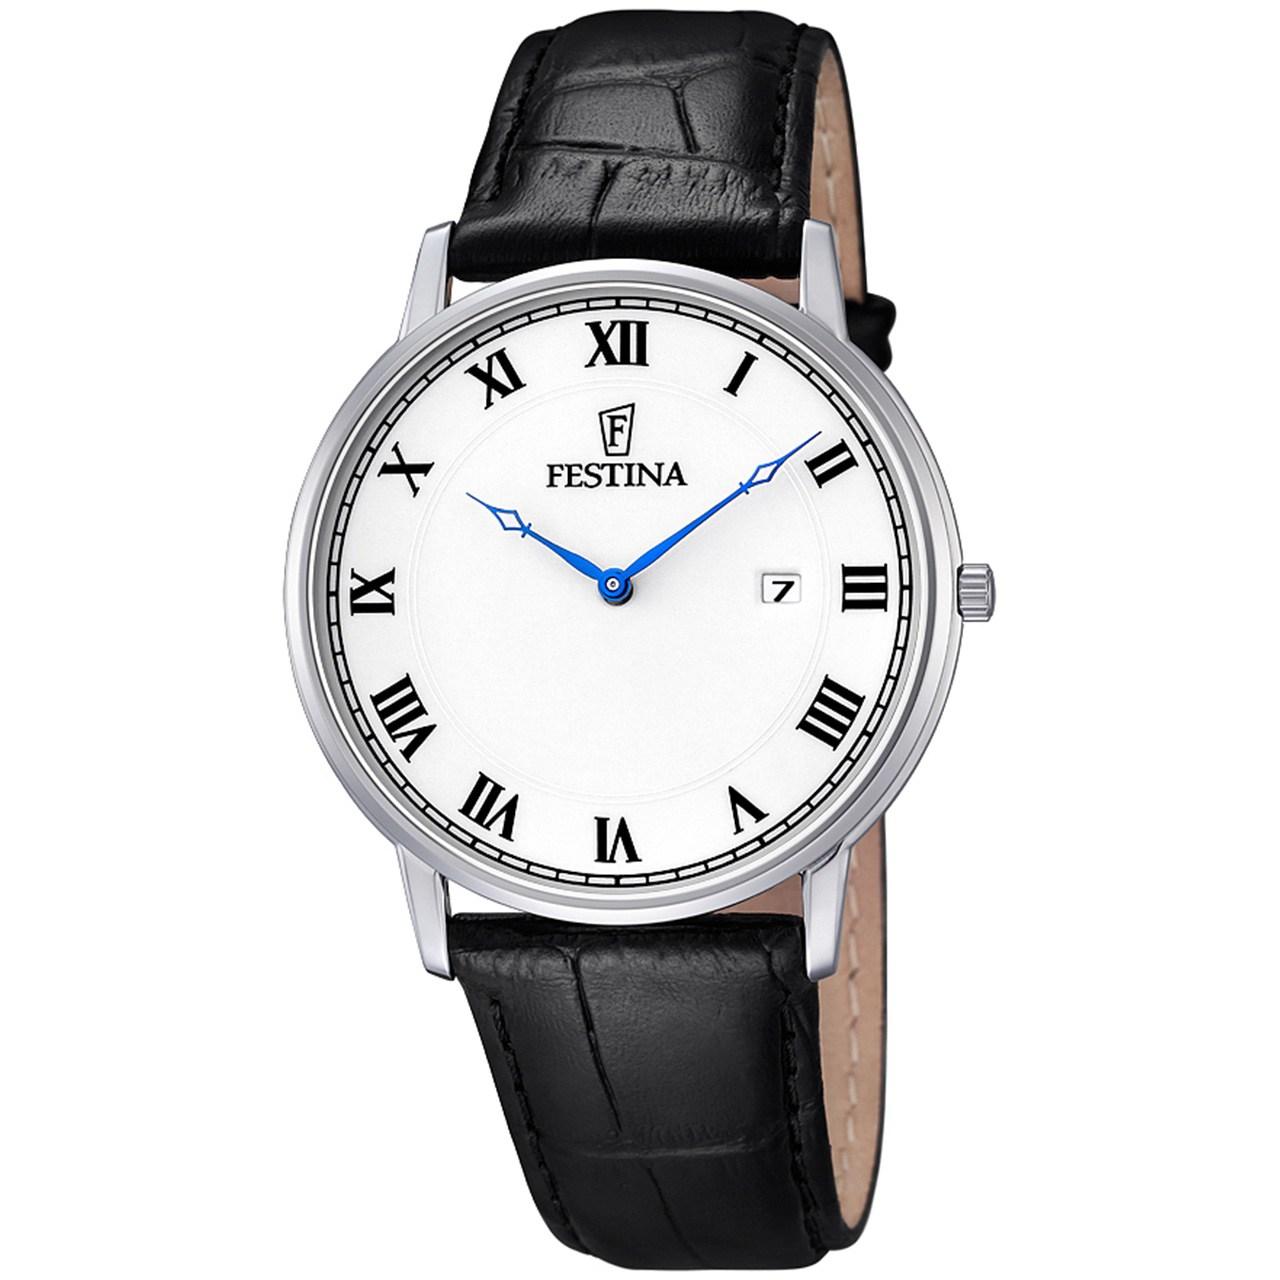 ساعت مچی عقربه ای مردانه فستینا مدل F6831/3